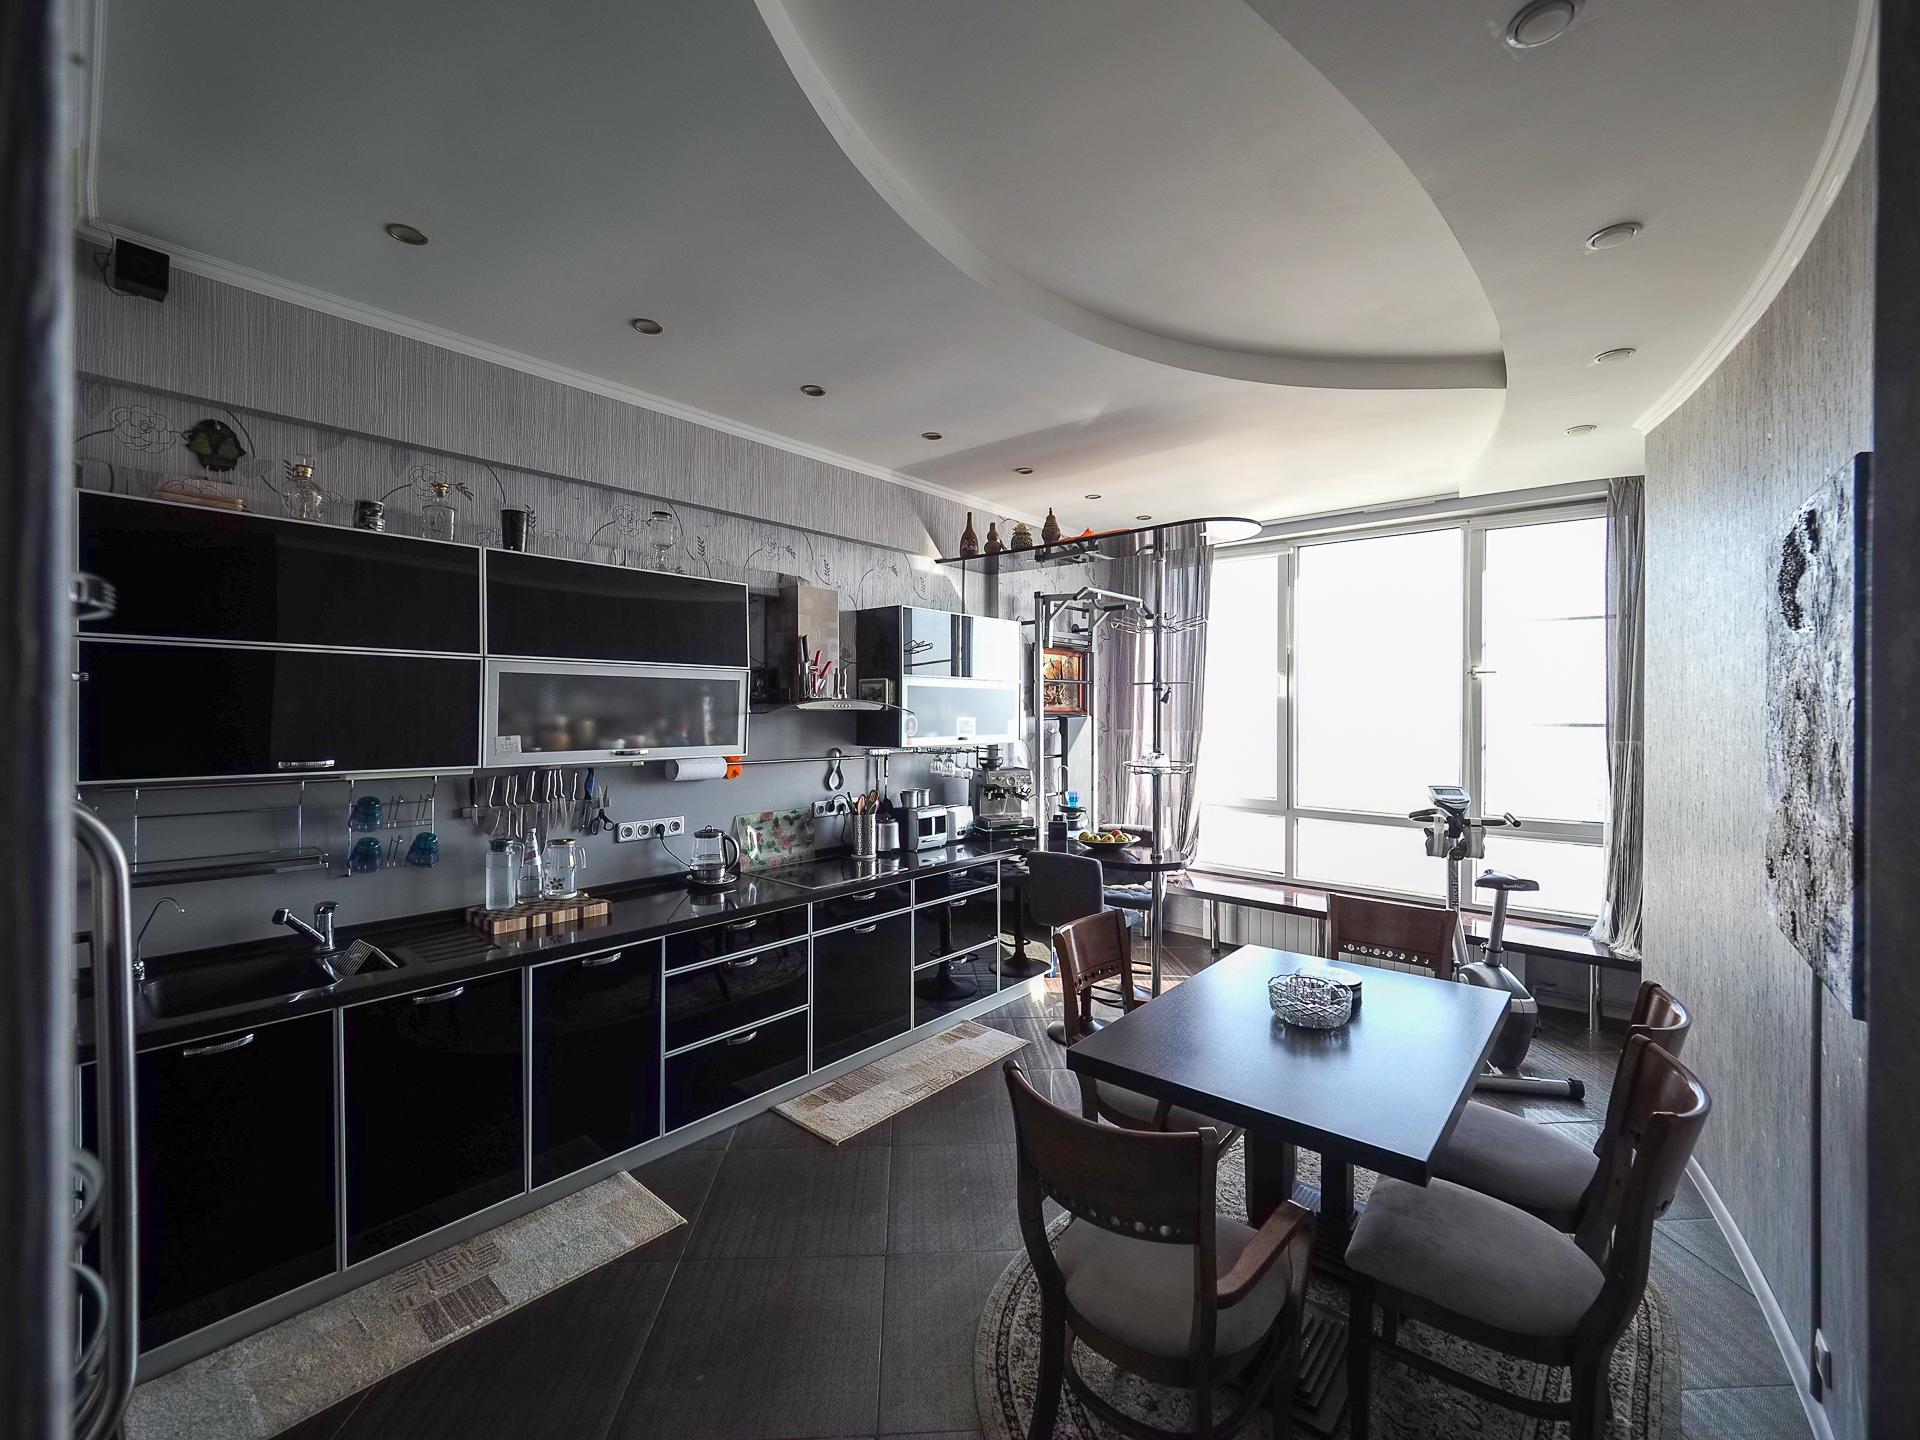 видовая квартира 22 этаж 100 Кв м 26